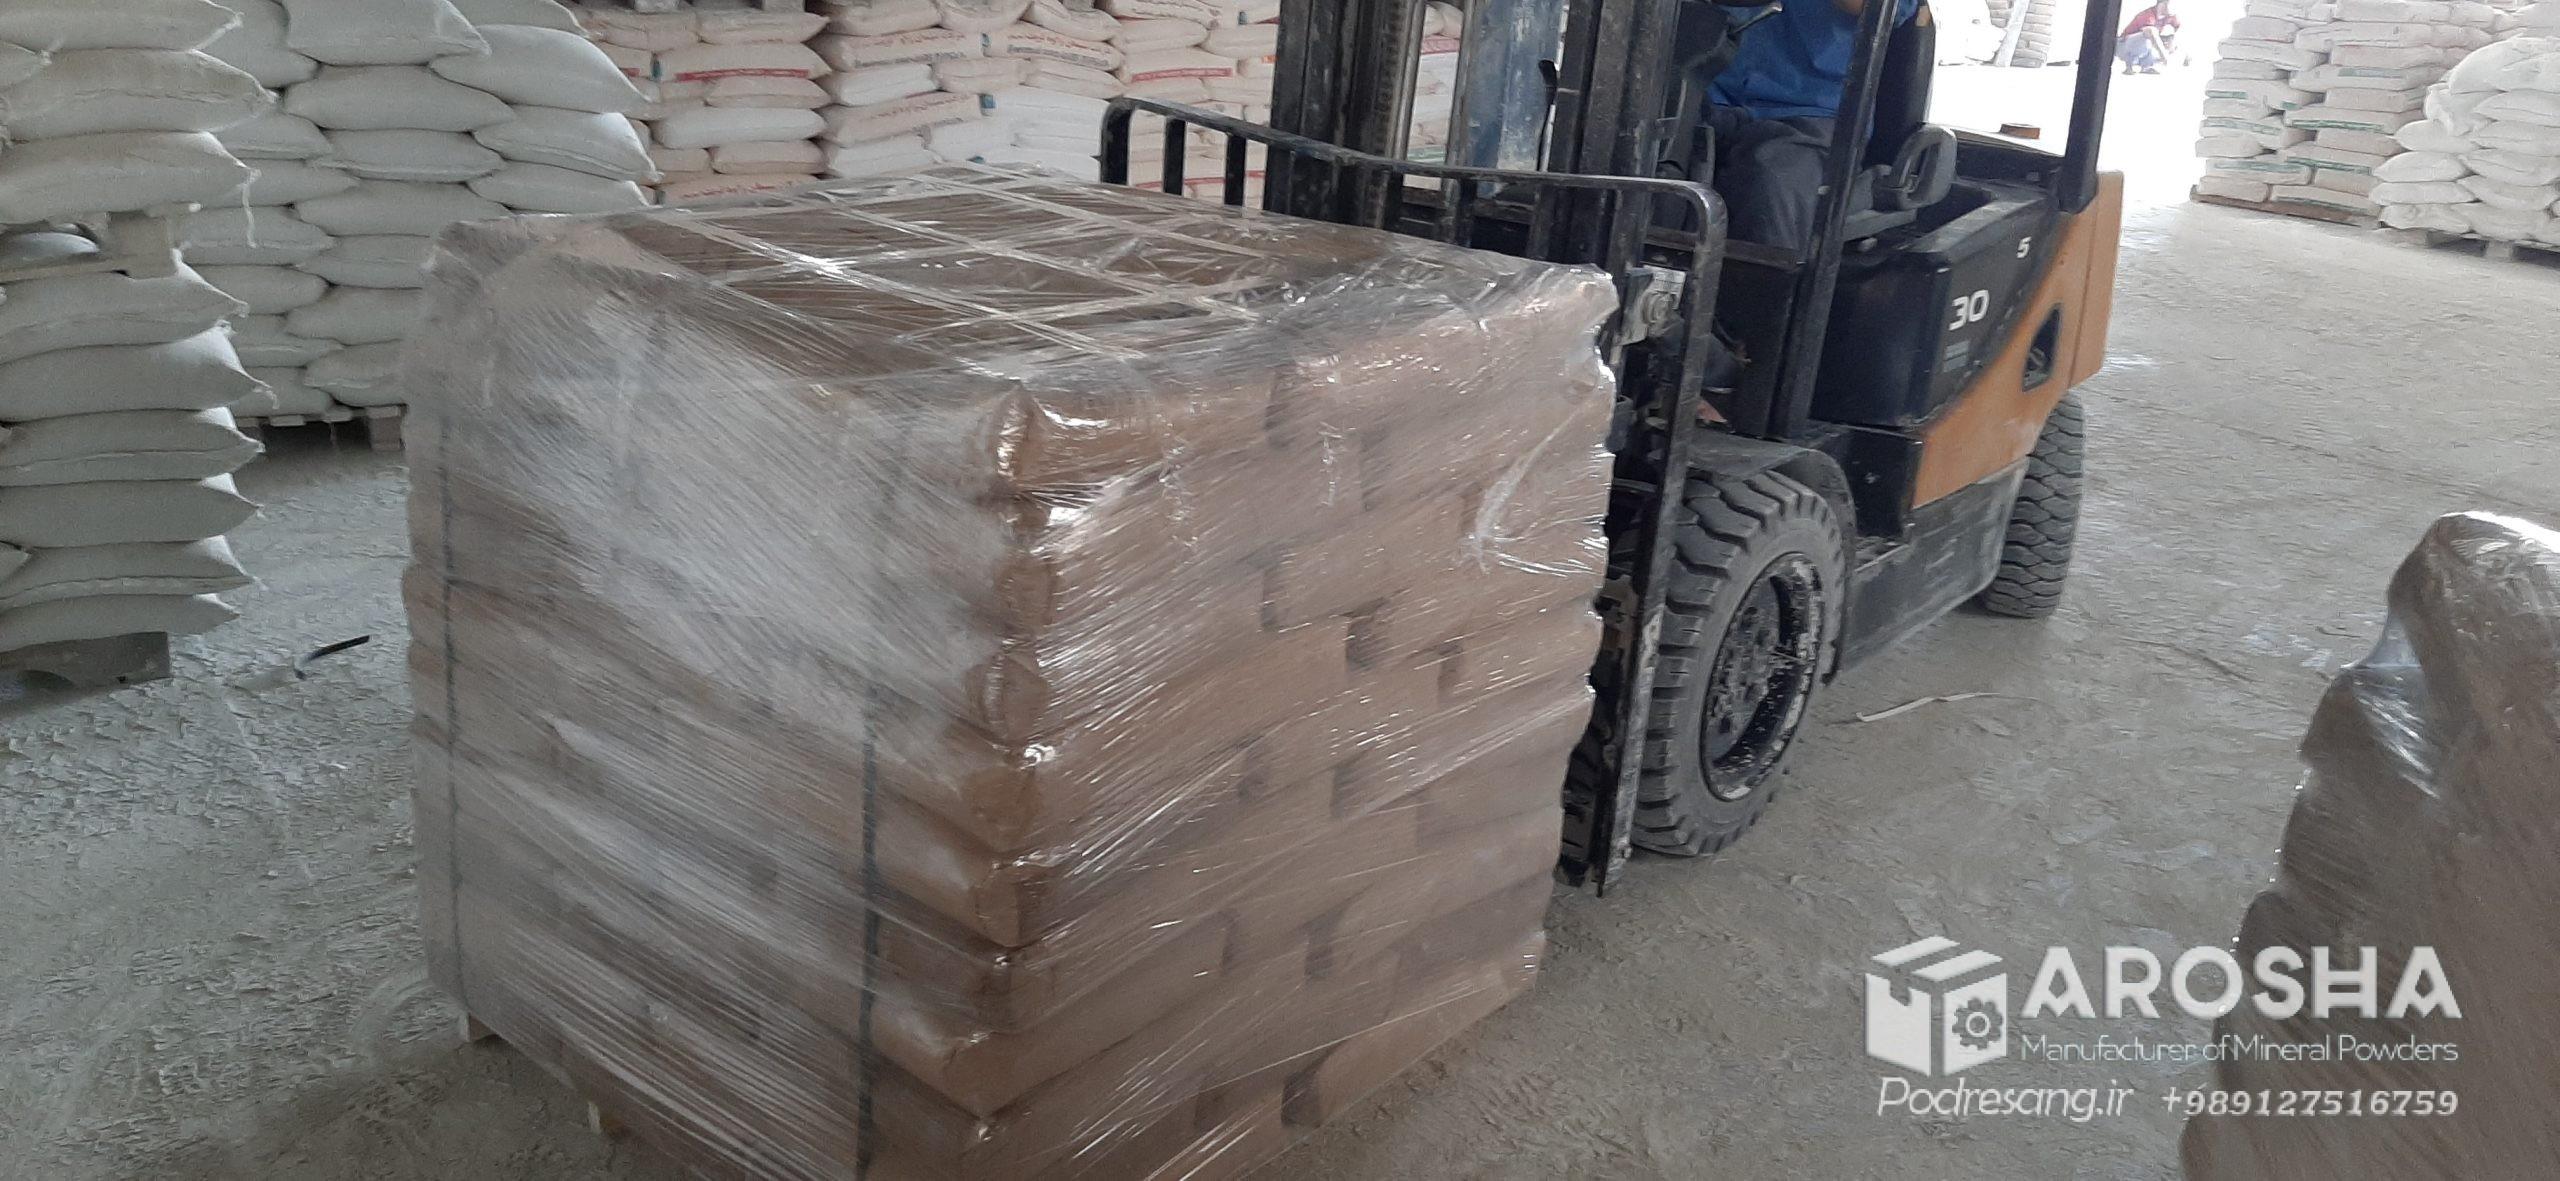 ویژگی و مزایای پودر کربنات کلسیم سفید مش 200 تا 2500